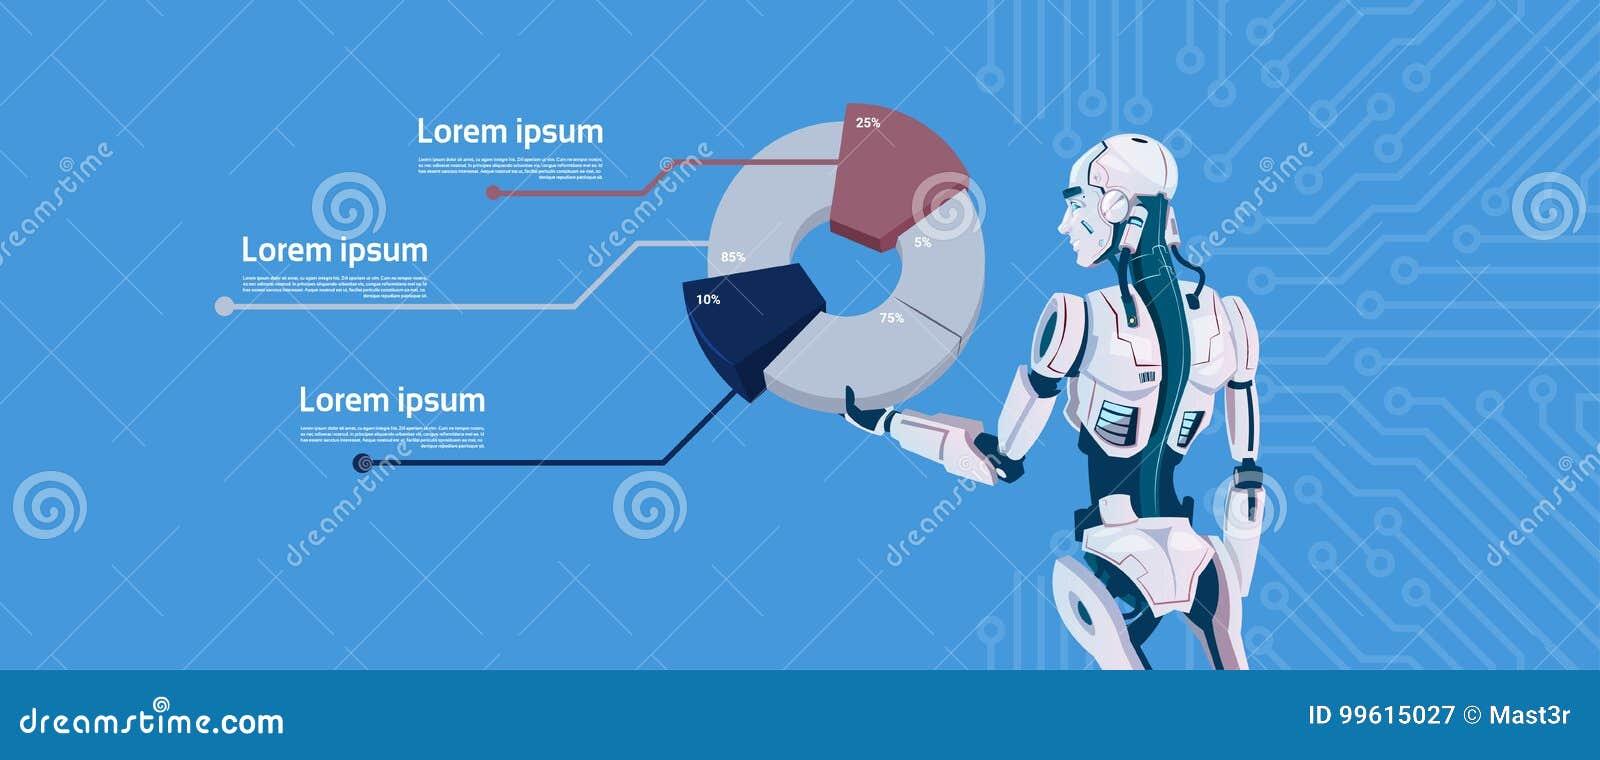 现代机器人举行图表图,未来派人工智能机制技术